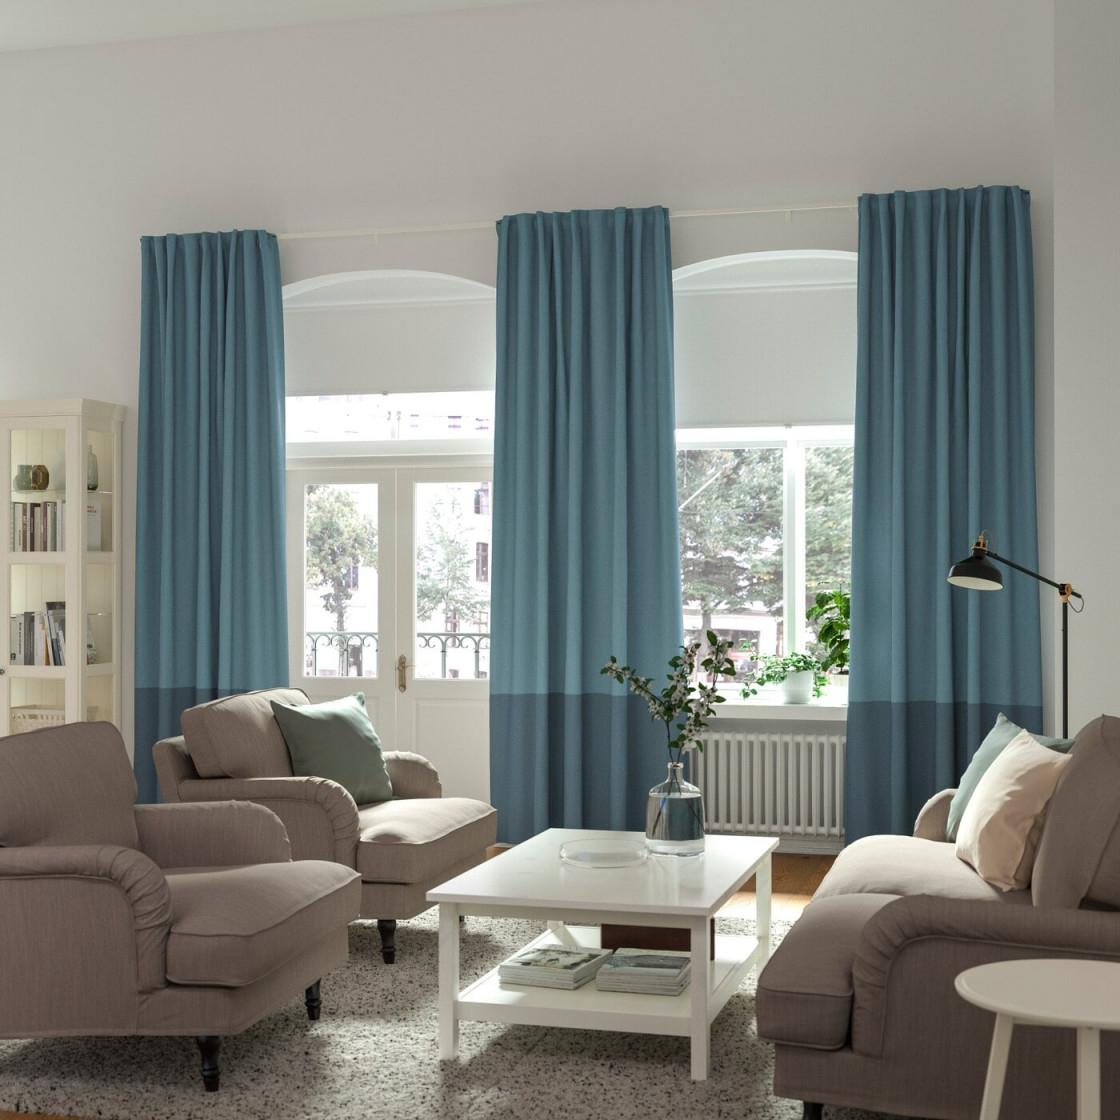 Gardinenideen Inspirationen Für Dein Zuhause  Ikea von Vorhänge Für Wohnzimmer Ideen Bild